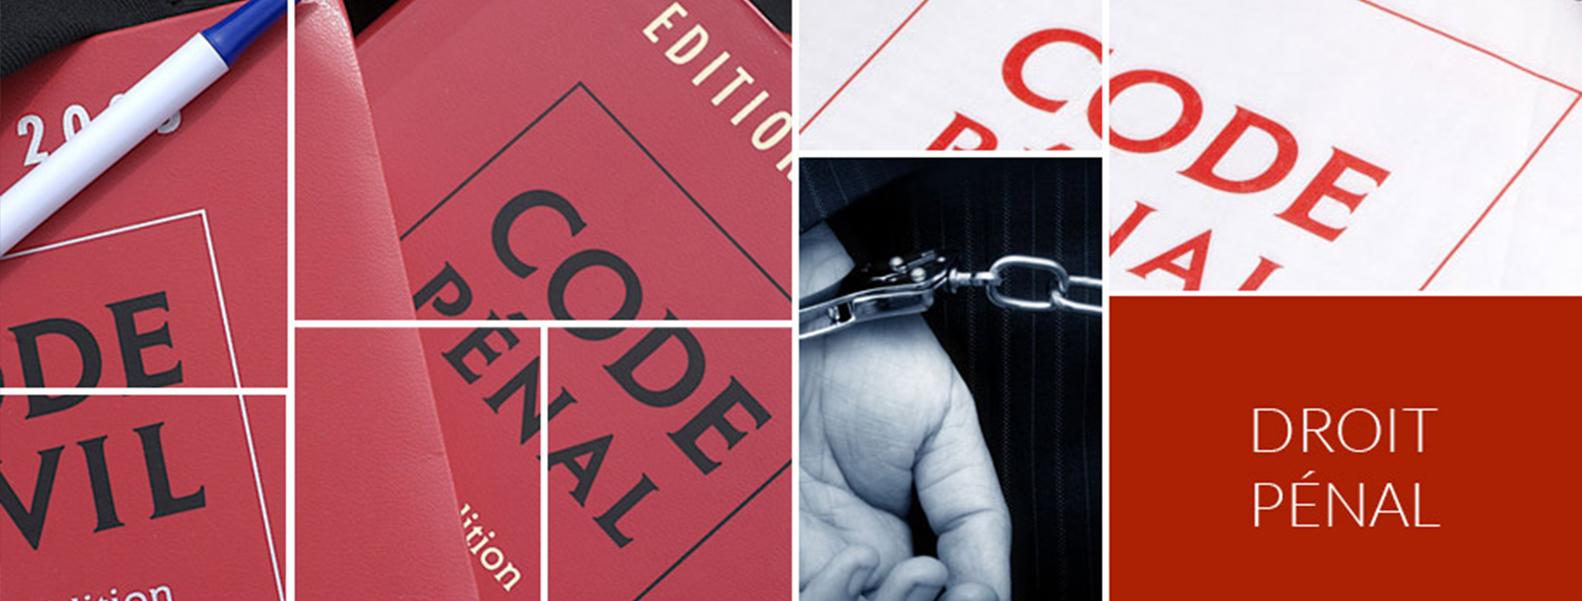 Slider droit pénal du site de Maïtre Carsalade, avocat à Saint Barthe et pratiquant le droit civil, le droit pénal, le droit de la famille, le droit des affaires et le droit du travail.